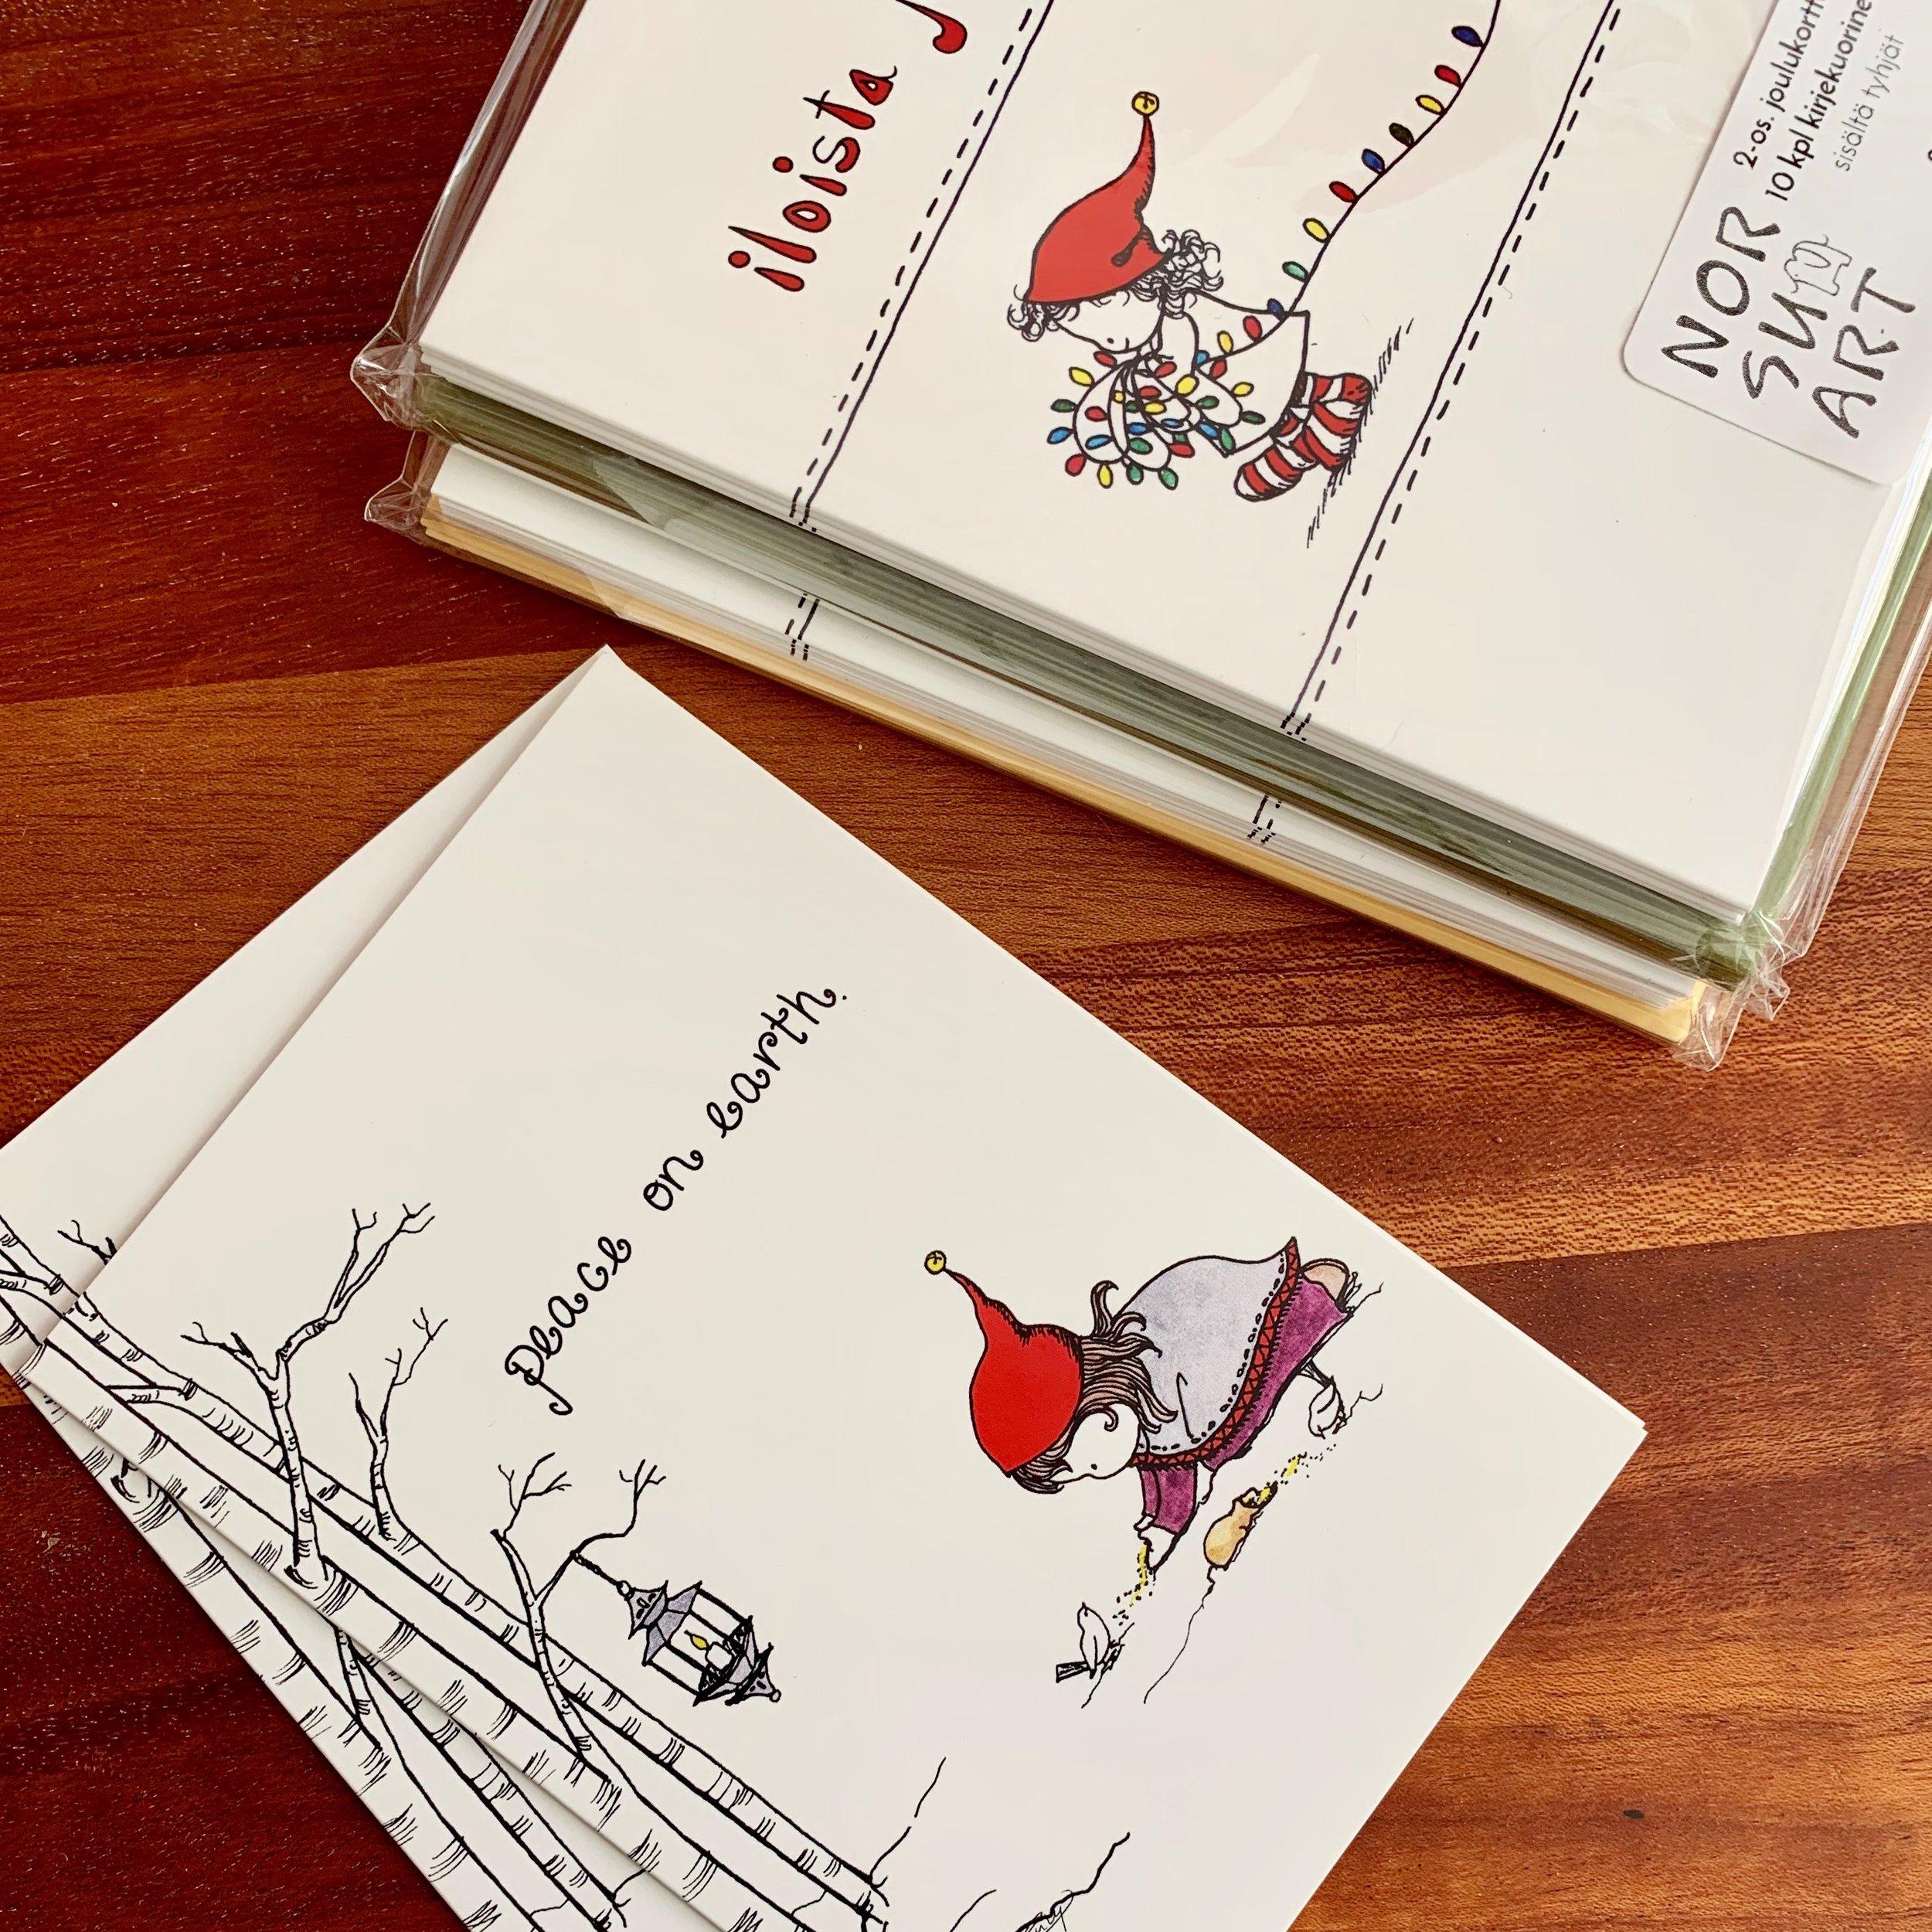 Pakettihintaan - 2-os kortit (kuvaston sivulta 6) voi tilata 10-kpl pakkauksissa. Ne tulevat värillisten kirjekuorien kanssa sellofaaniin paketoituna.